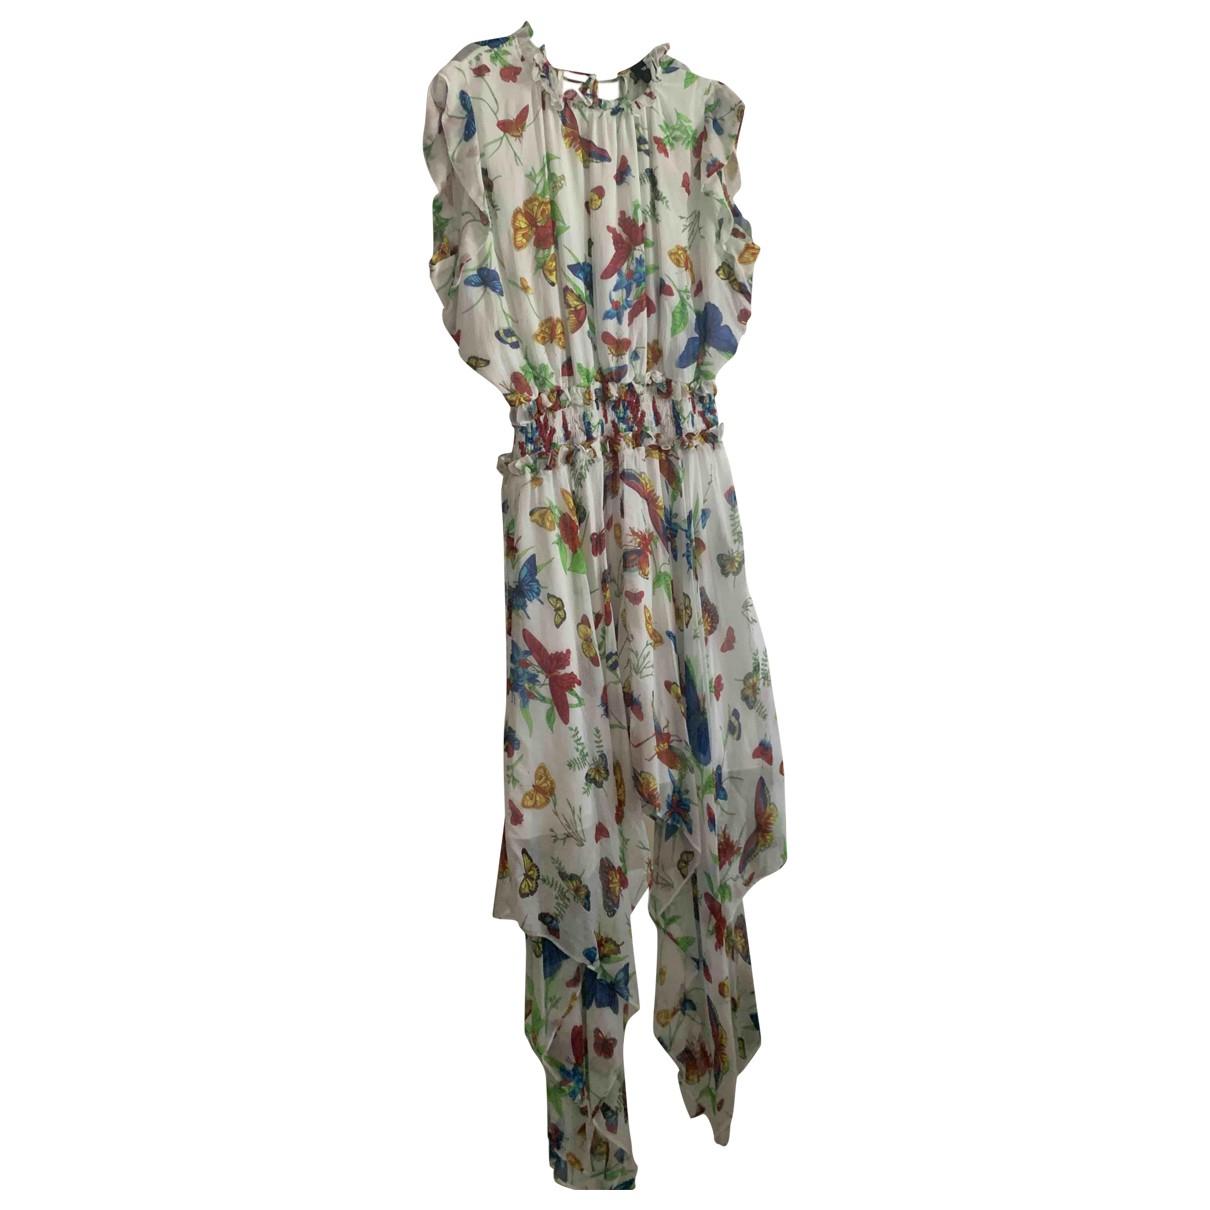 Maxi vestido Spring Summer 2020 The Kooples